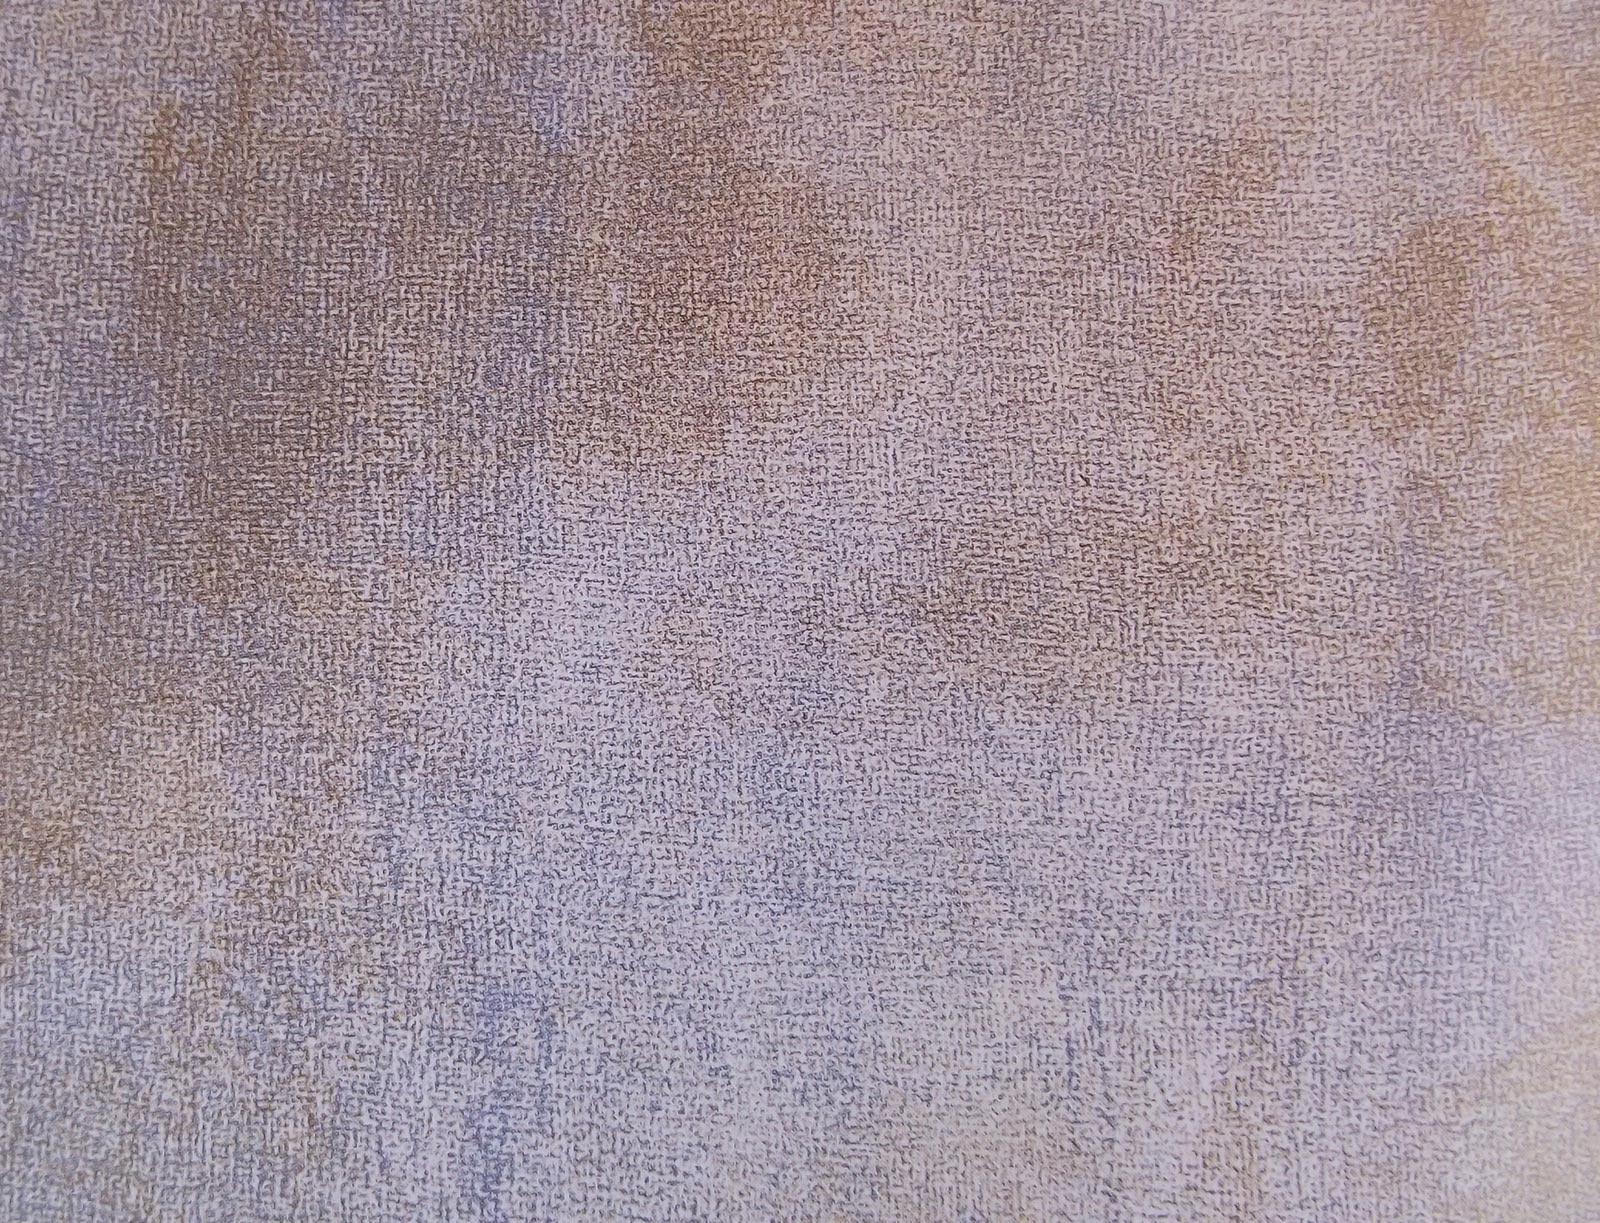 Ilustración gratis - Textura de un tejido